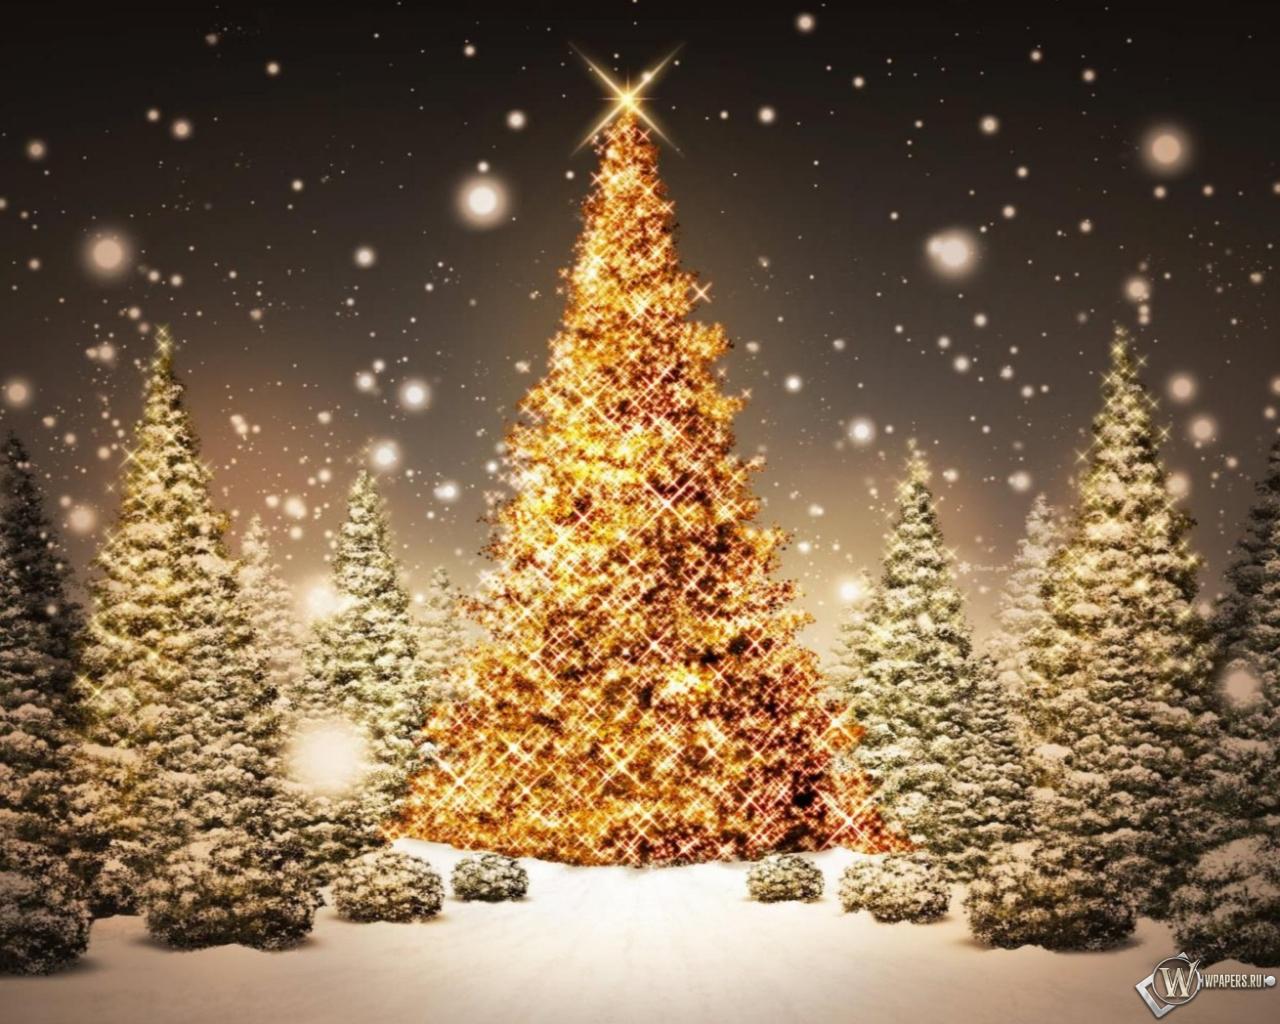 Обои рождественская елка зима снег